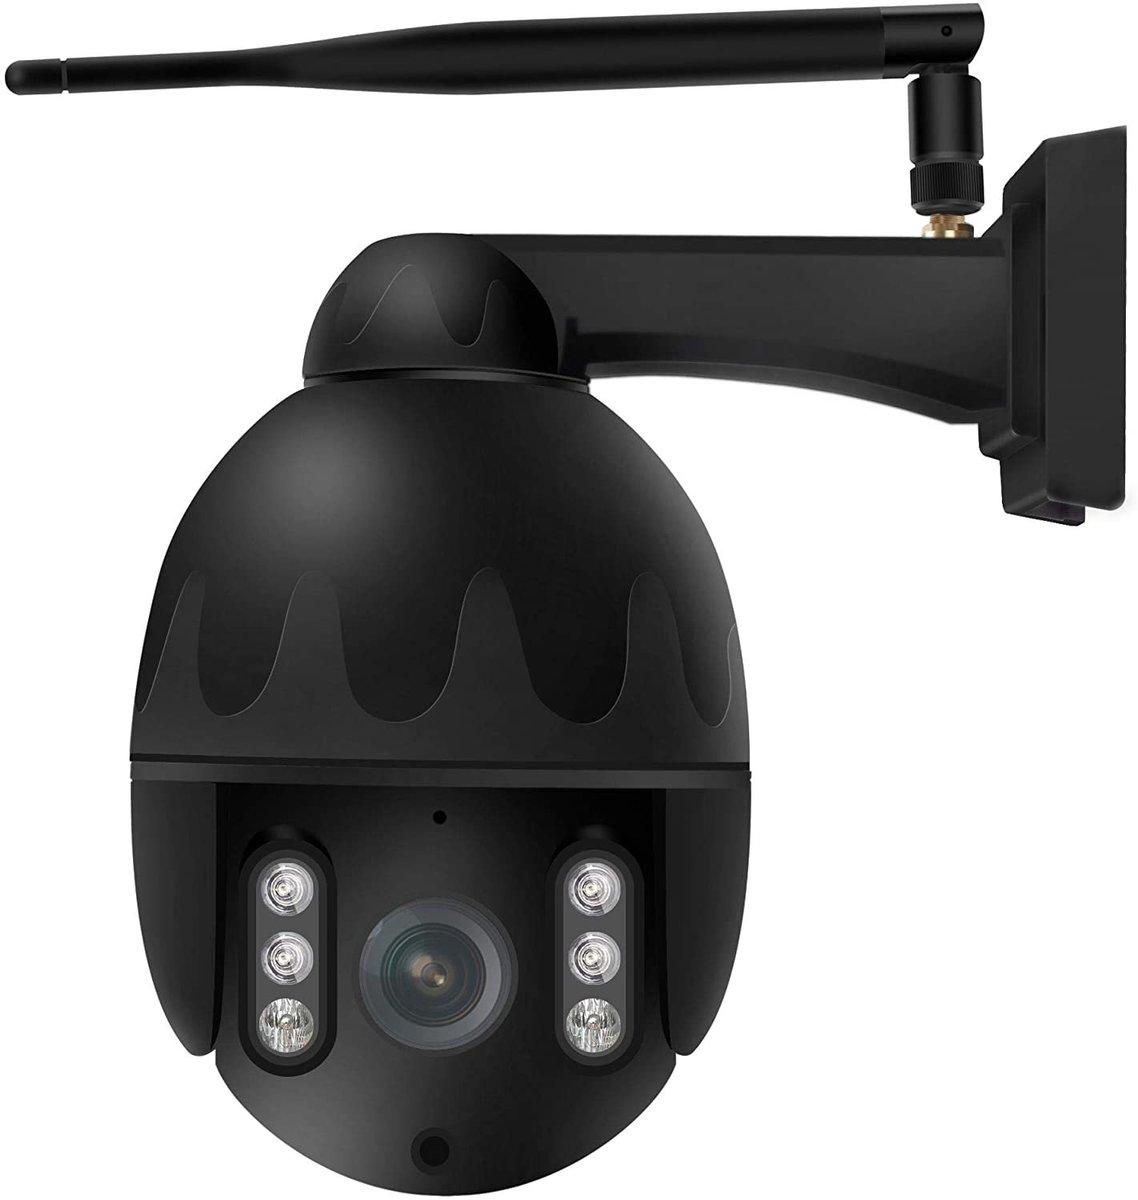 Vstarcam C31S-X4 HD 1080P 4X Zoom WiFi Outdoor IP Camera